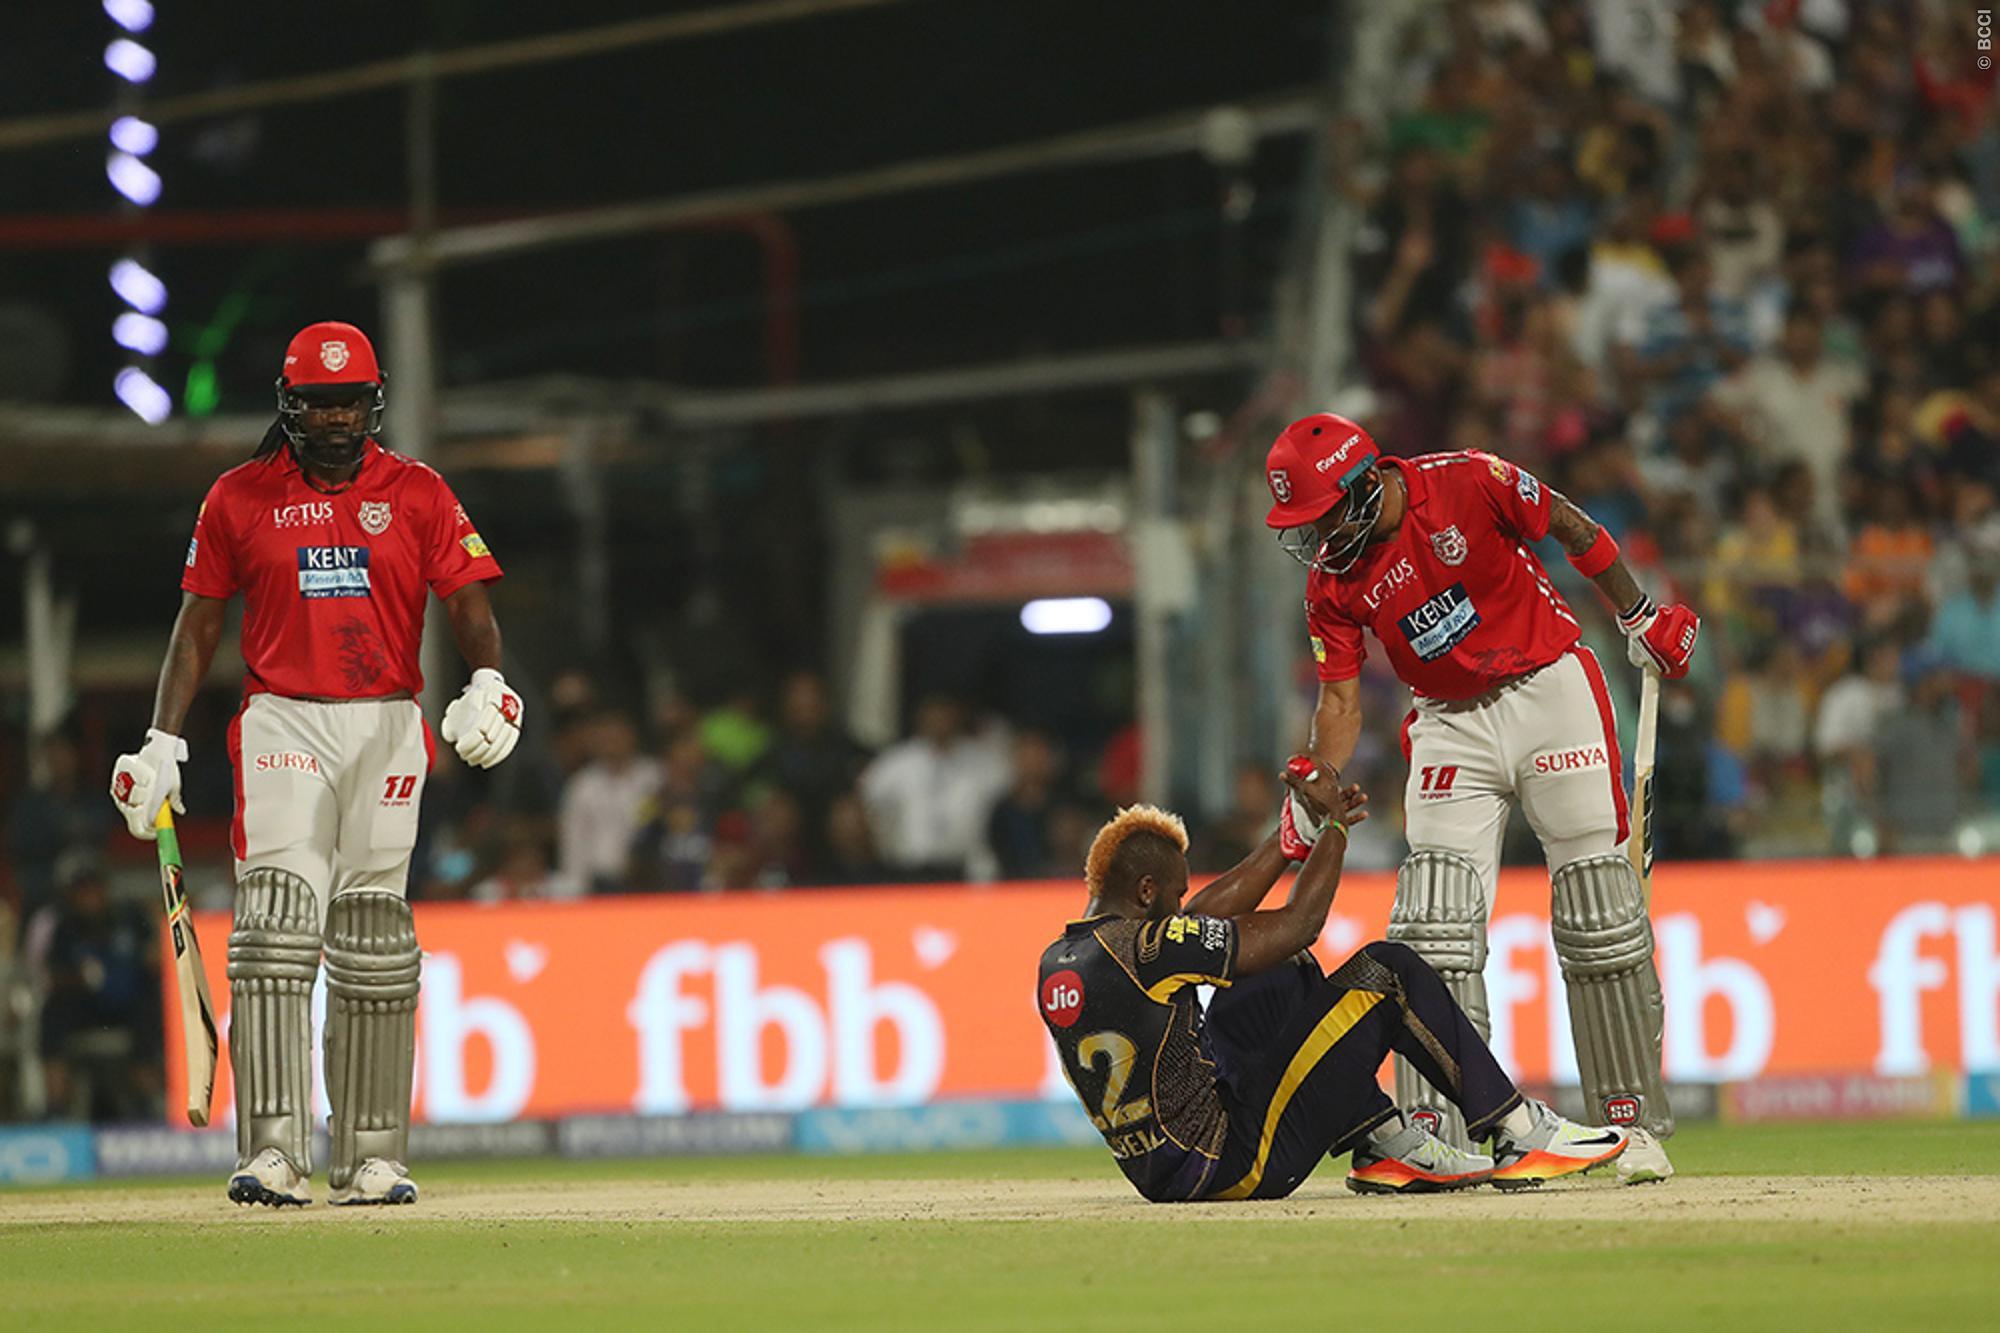 दर्द से कराहते हुए मैदान पर ही लेट गये आंद्रे रसल, तो विरोधी टीम के लोकेश राहुल ने किया कुछ ऐसा जीता करोड़ो लोगो का दिल